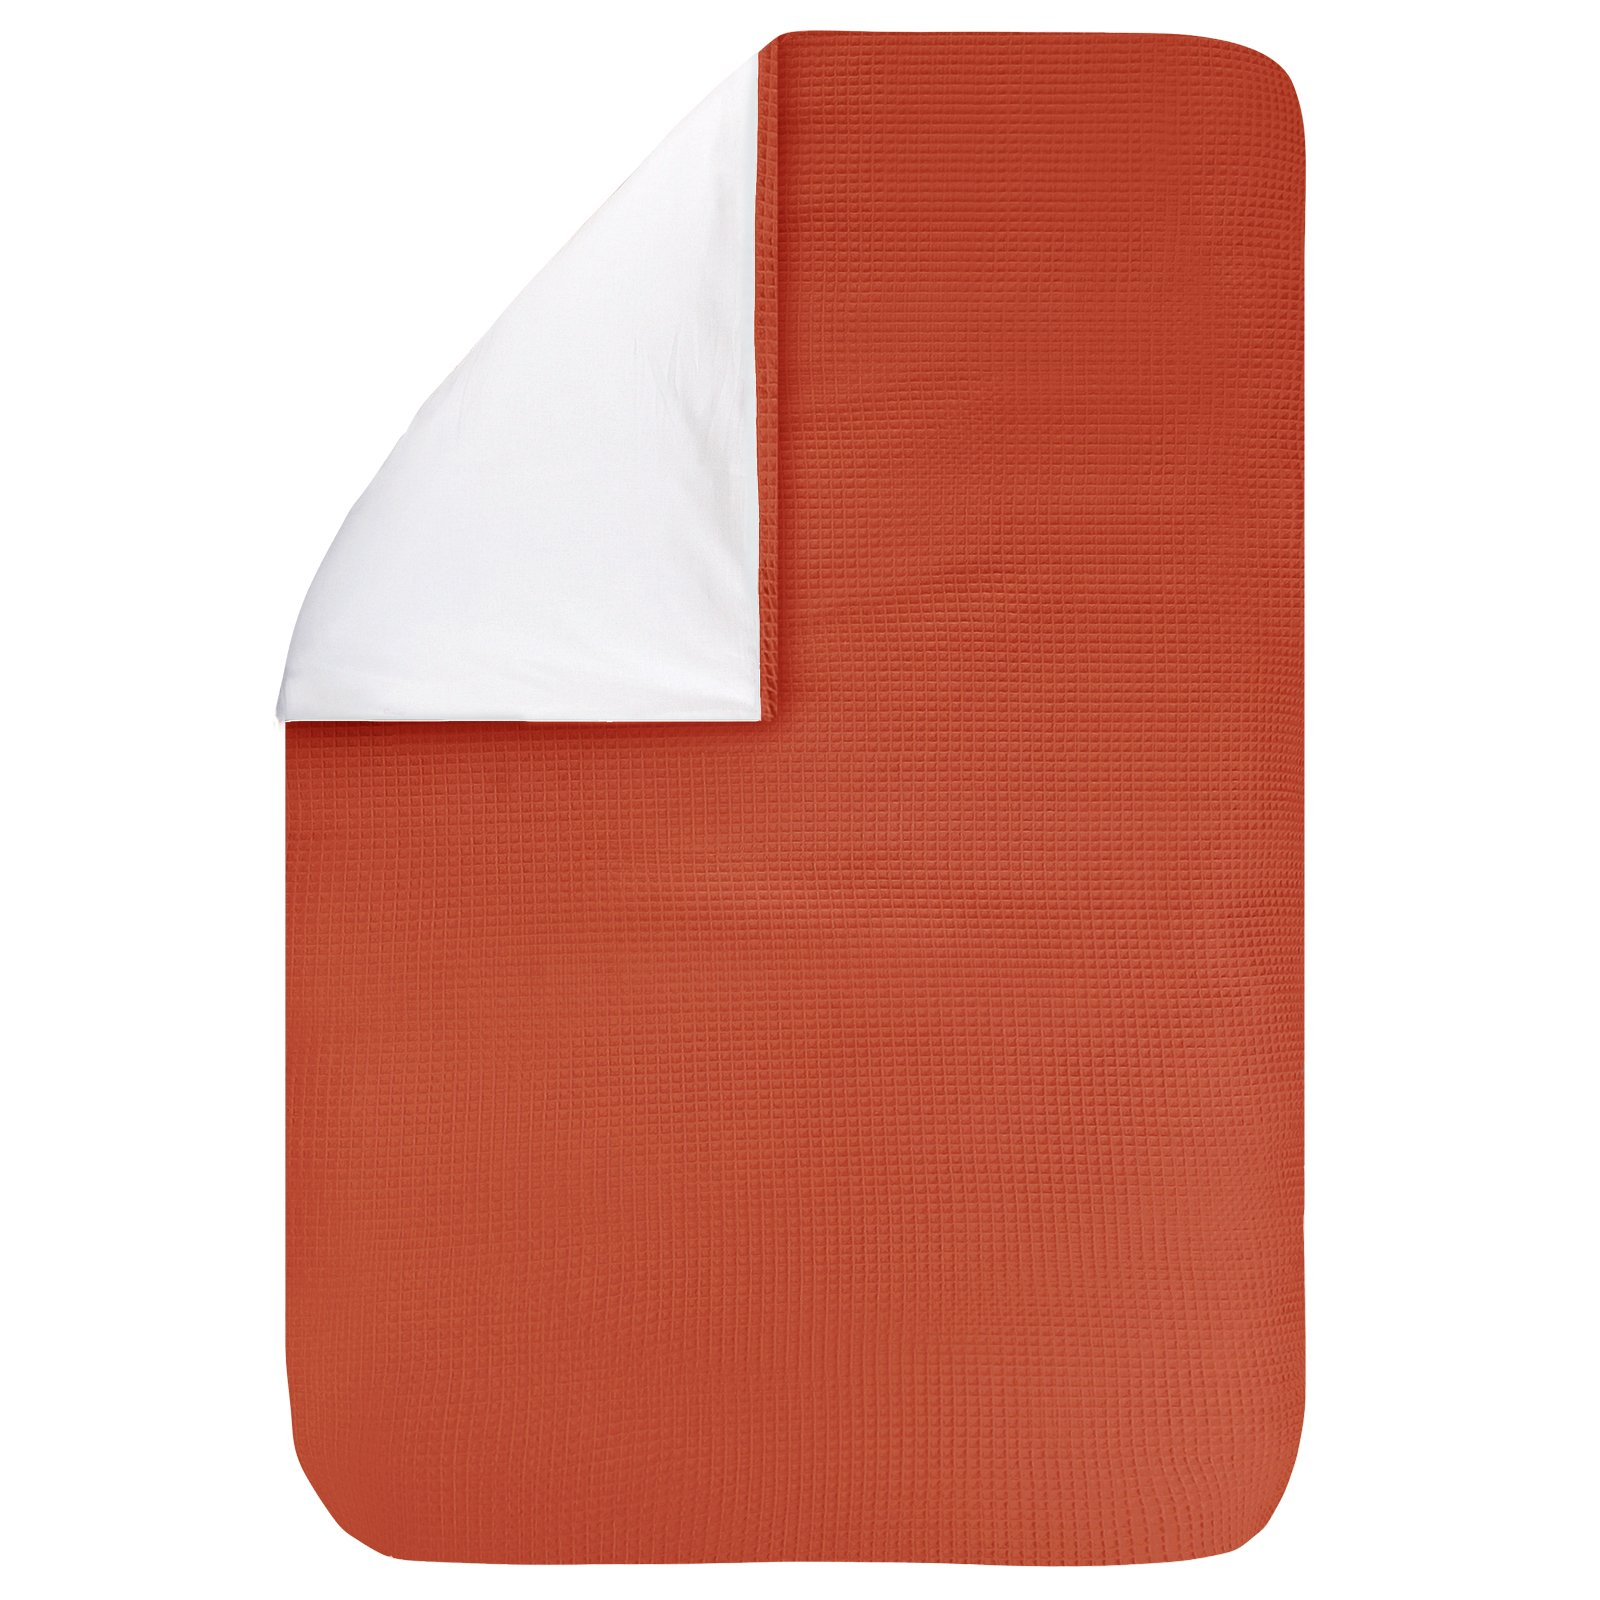 Dekbedovertrek Pique terra 100x135, een fijn dekbedovertrek van zachte terracotta-oranje wafelkatoen. Goed te combineren met BINK printjes.